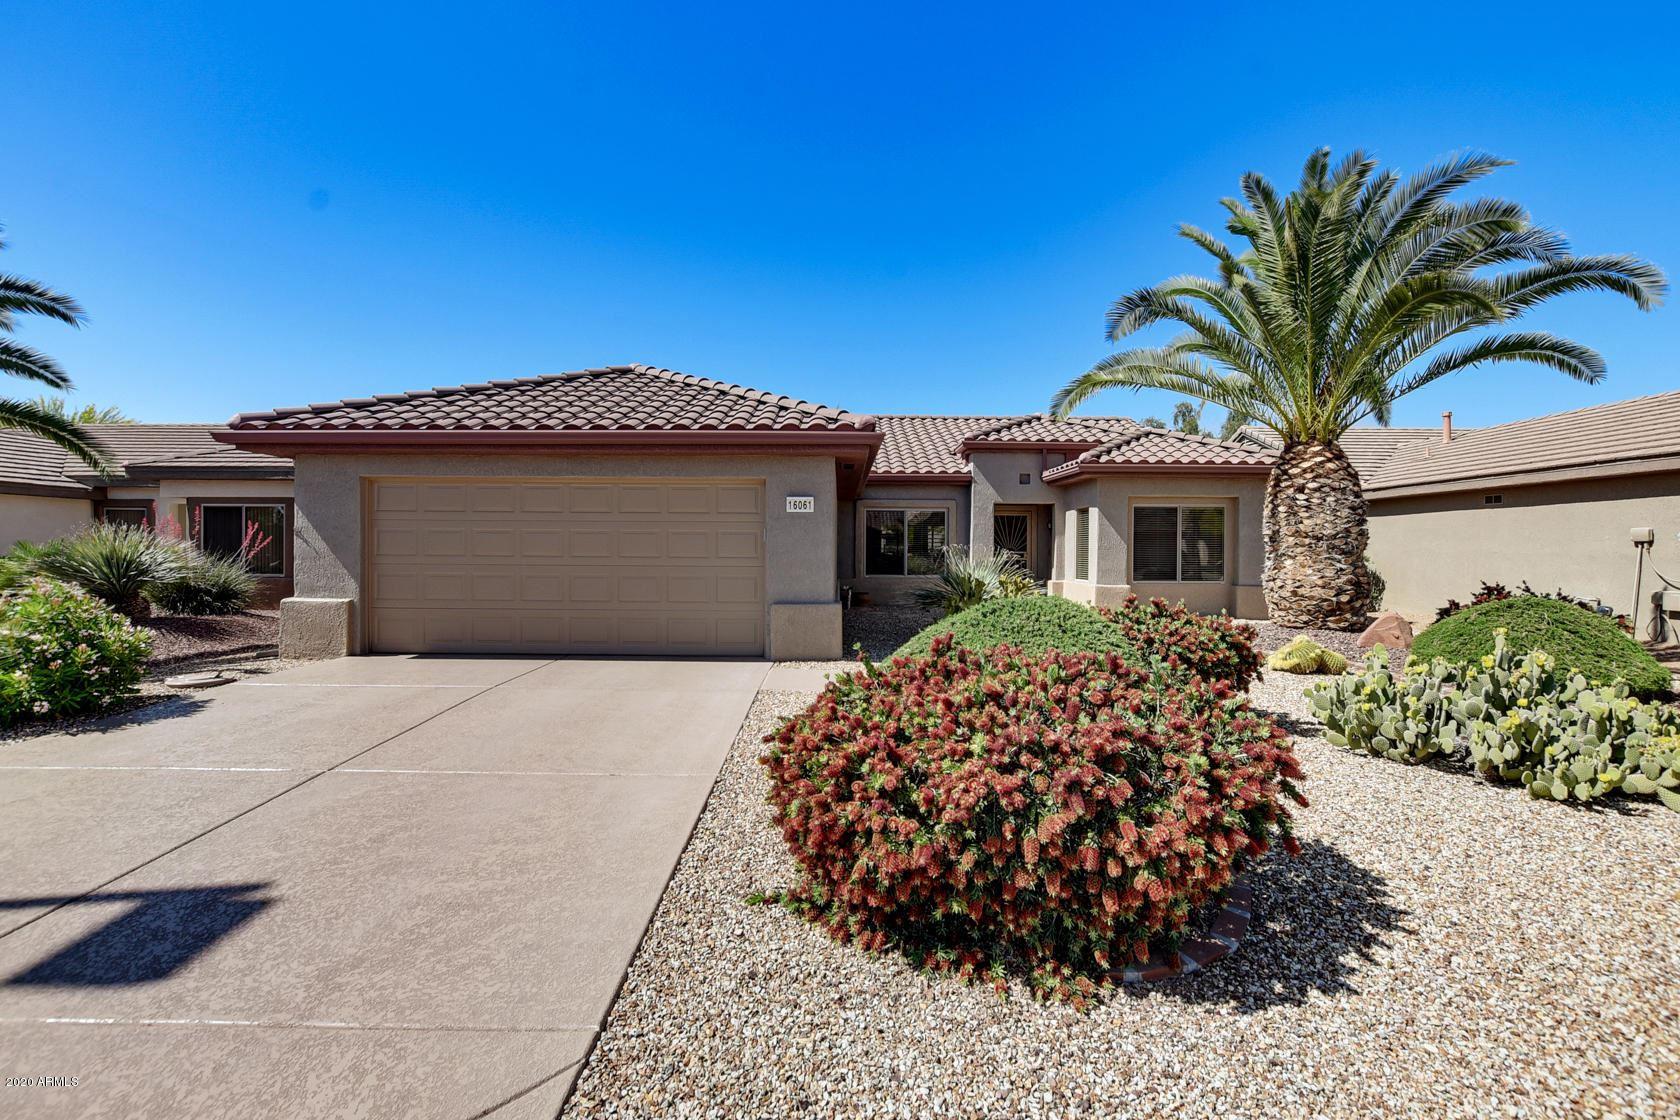 16061 W VERBENA Lane, Surprise, AZ 85374 - MLS#: 6072561